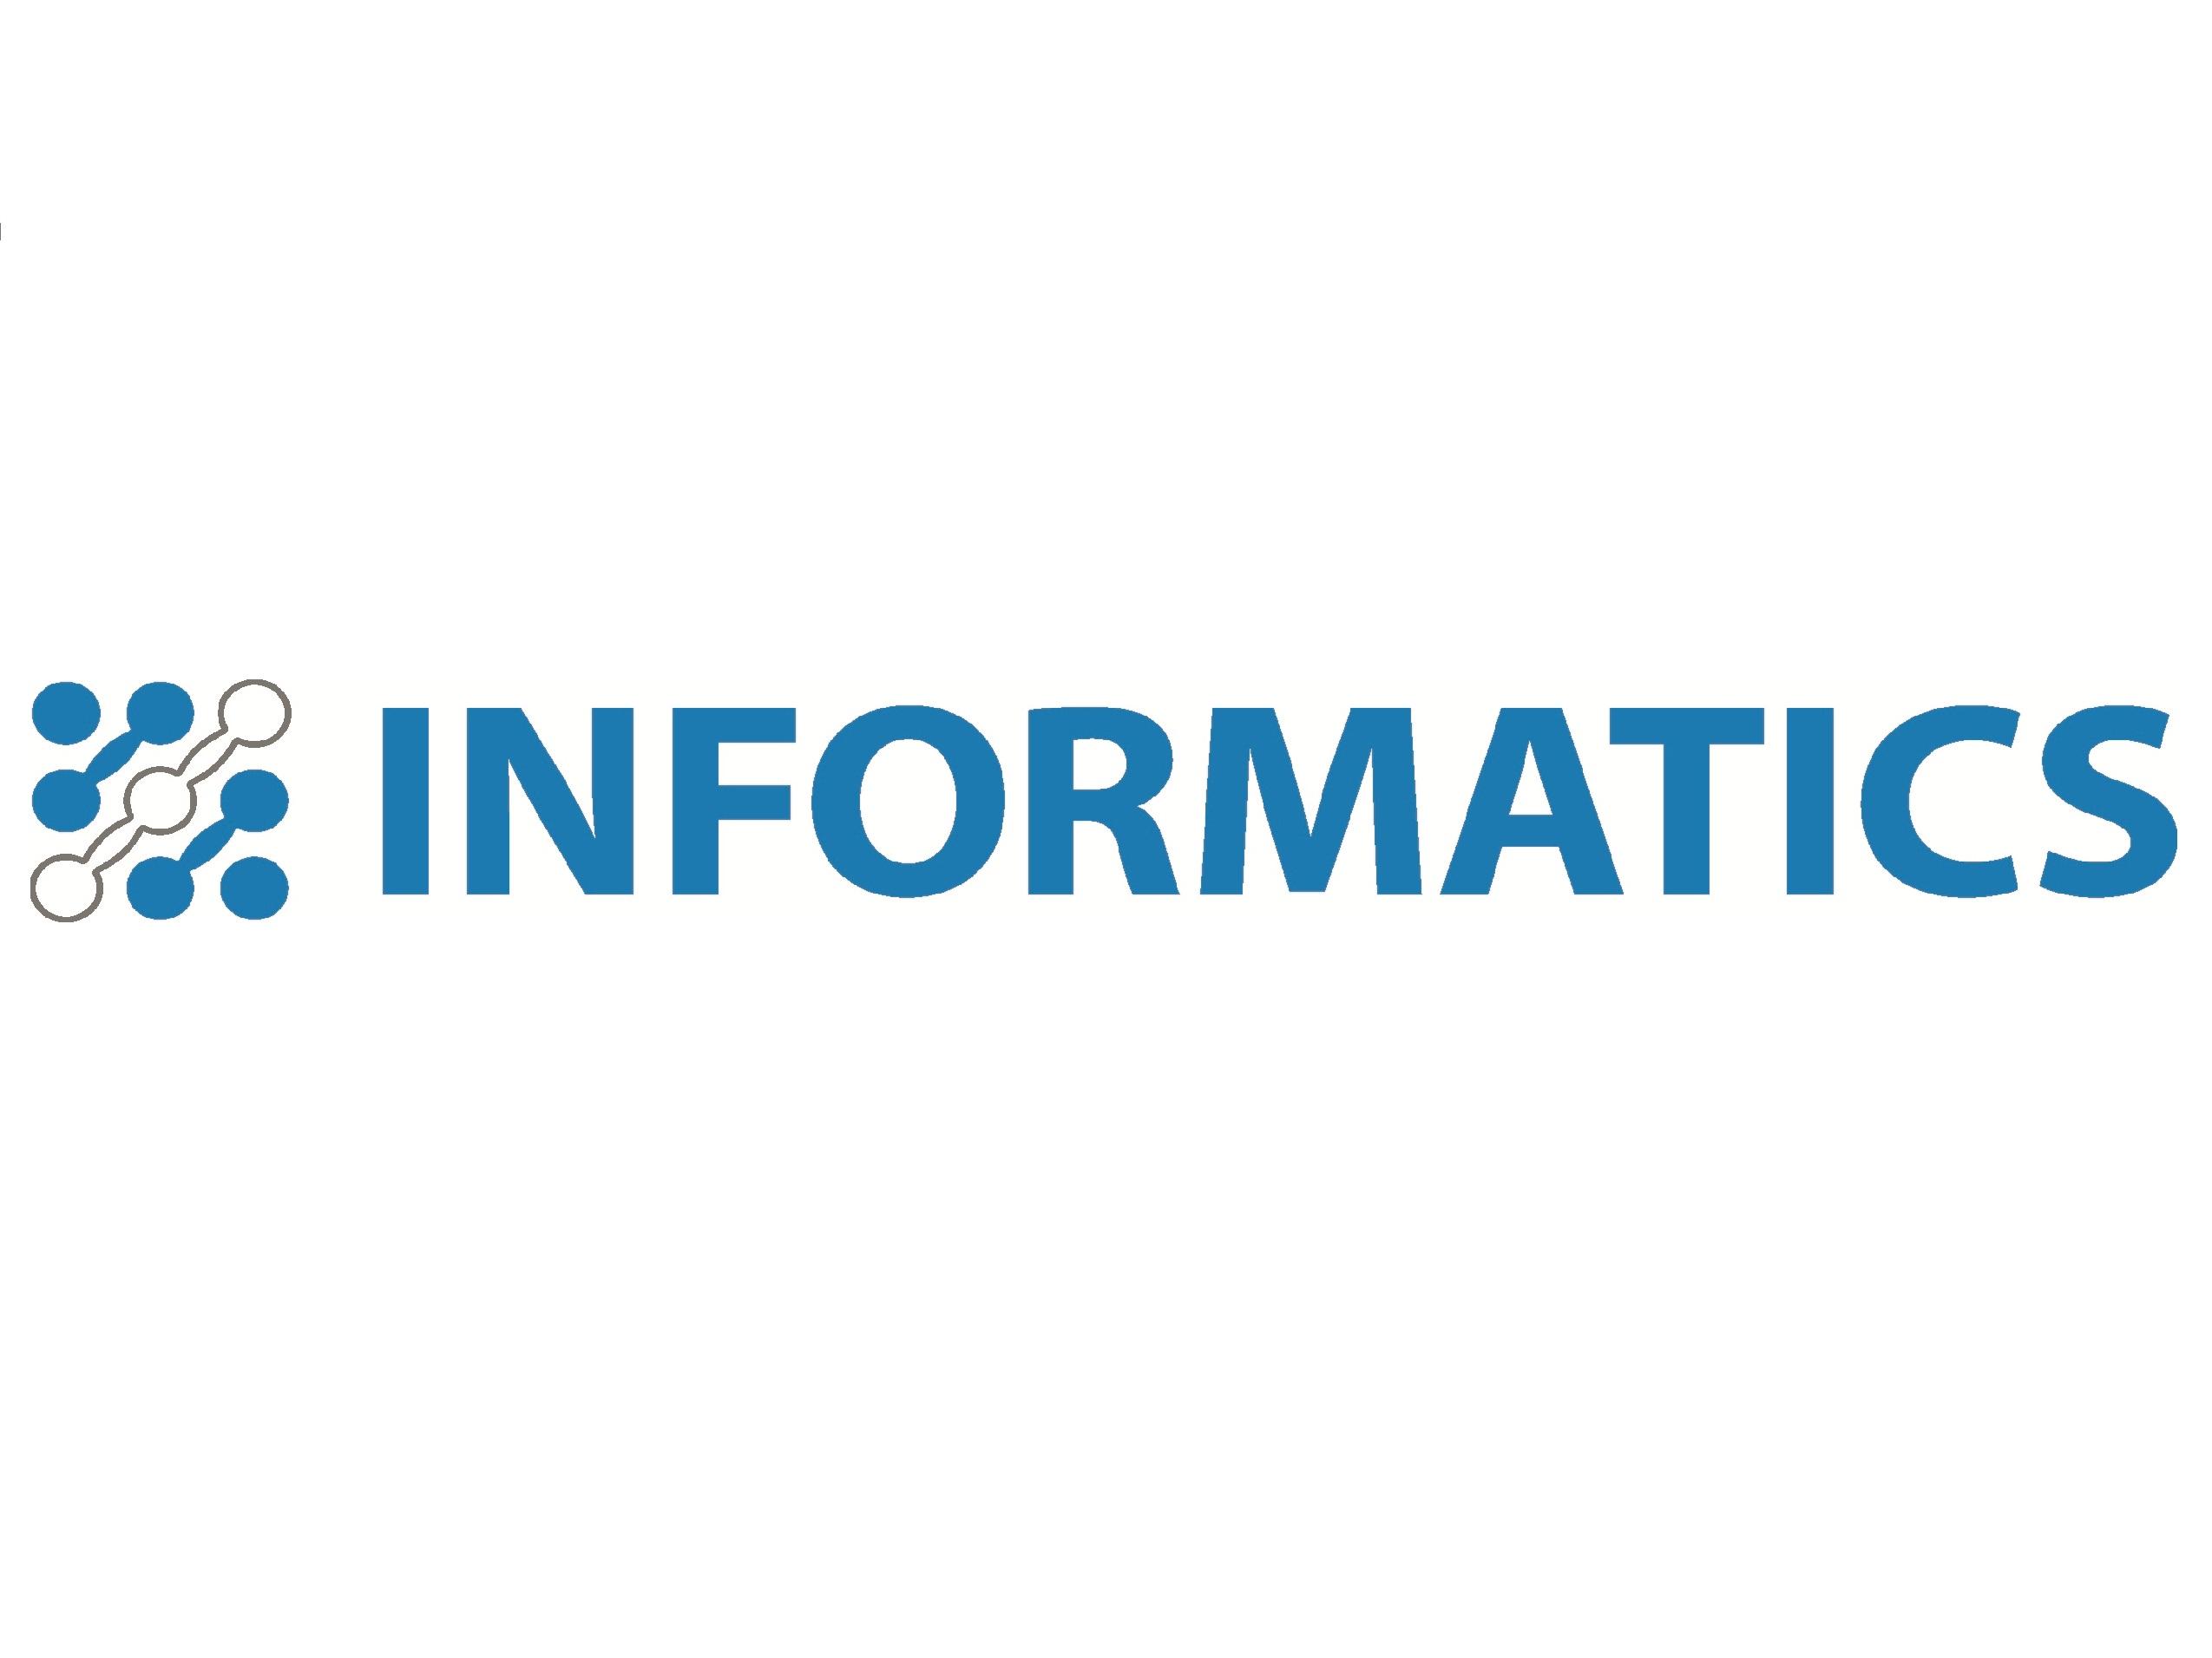 Informatics Consulting